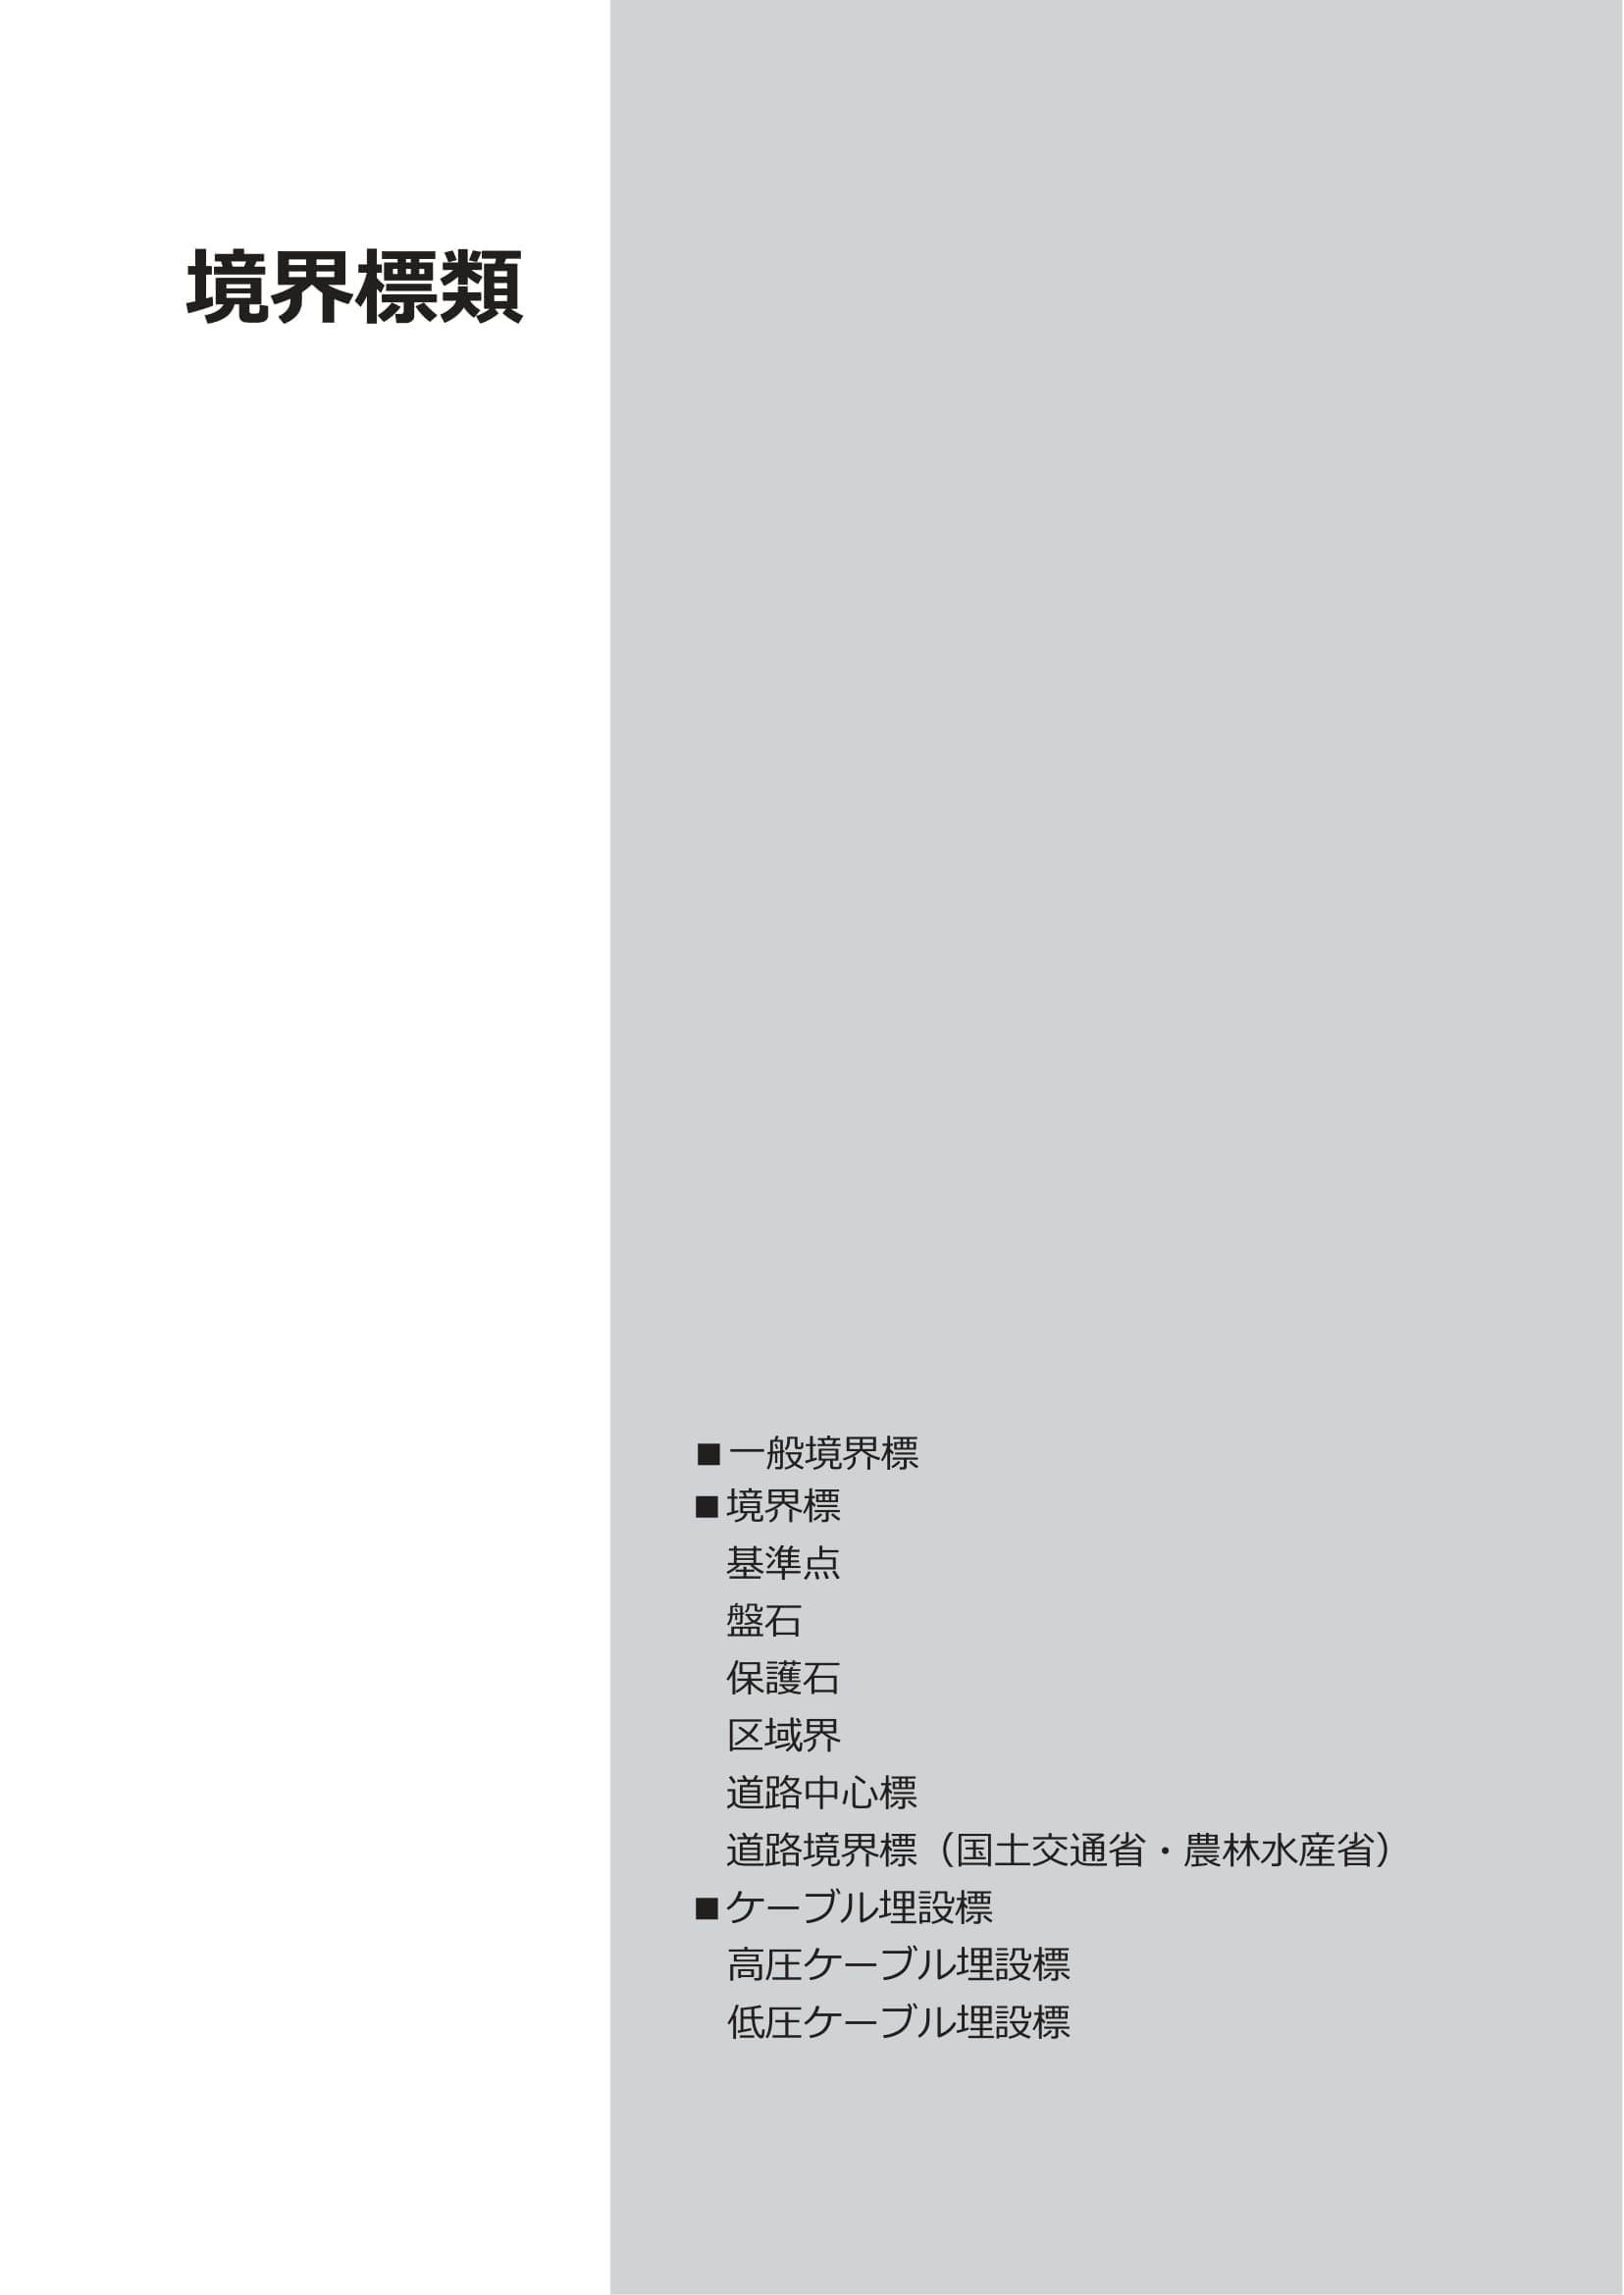 富士コンクリート/境界標類WEBカタログ